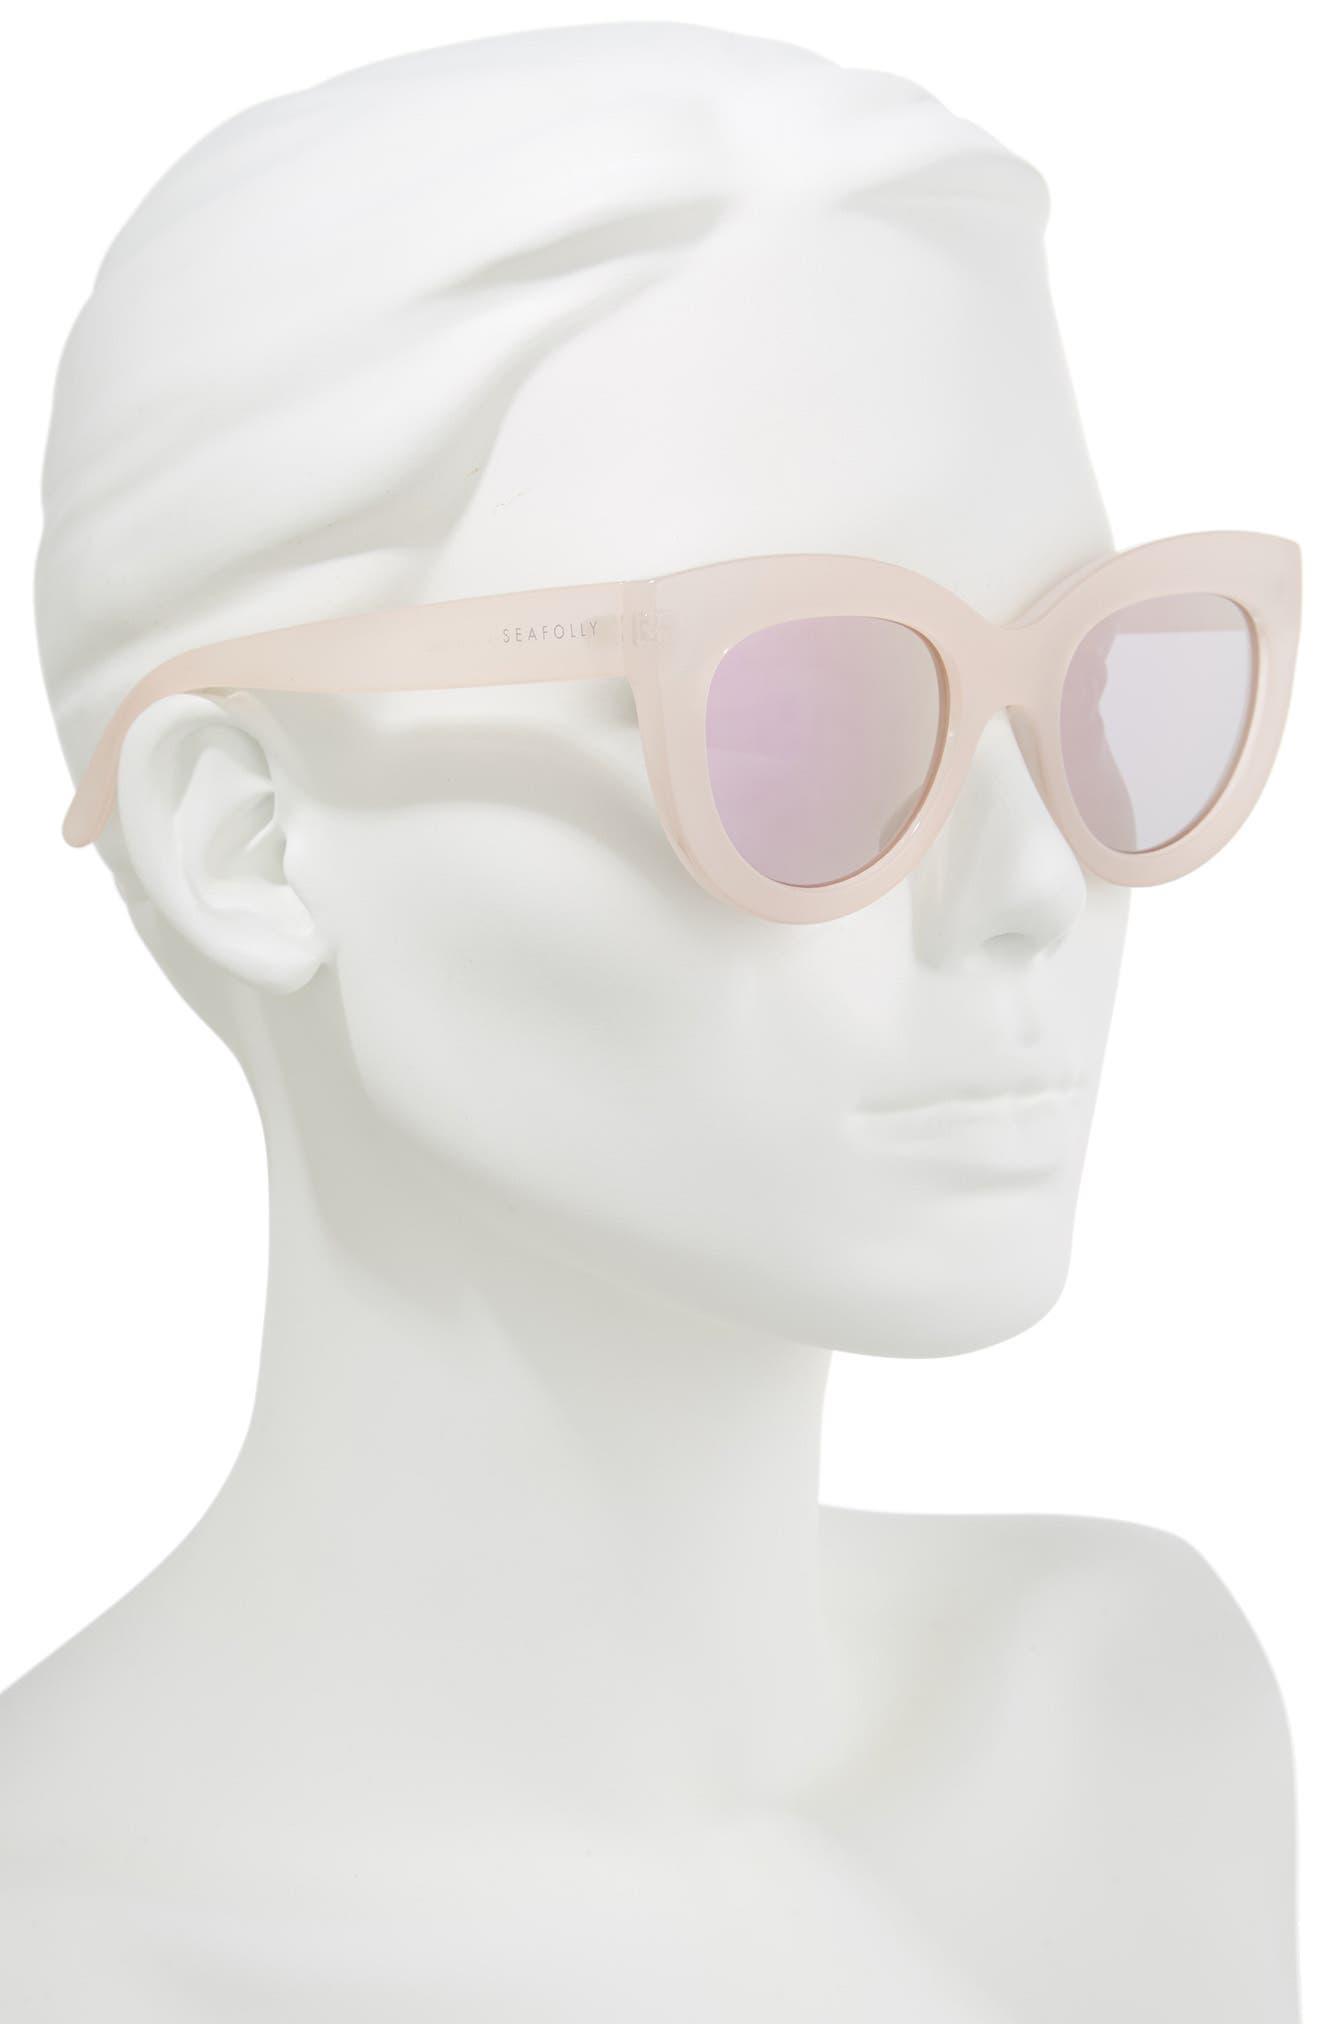 Torola V2 51mm Cat Eye Sunglasses,                             Alternate thumbnail 2, color,                             BLOSSOM